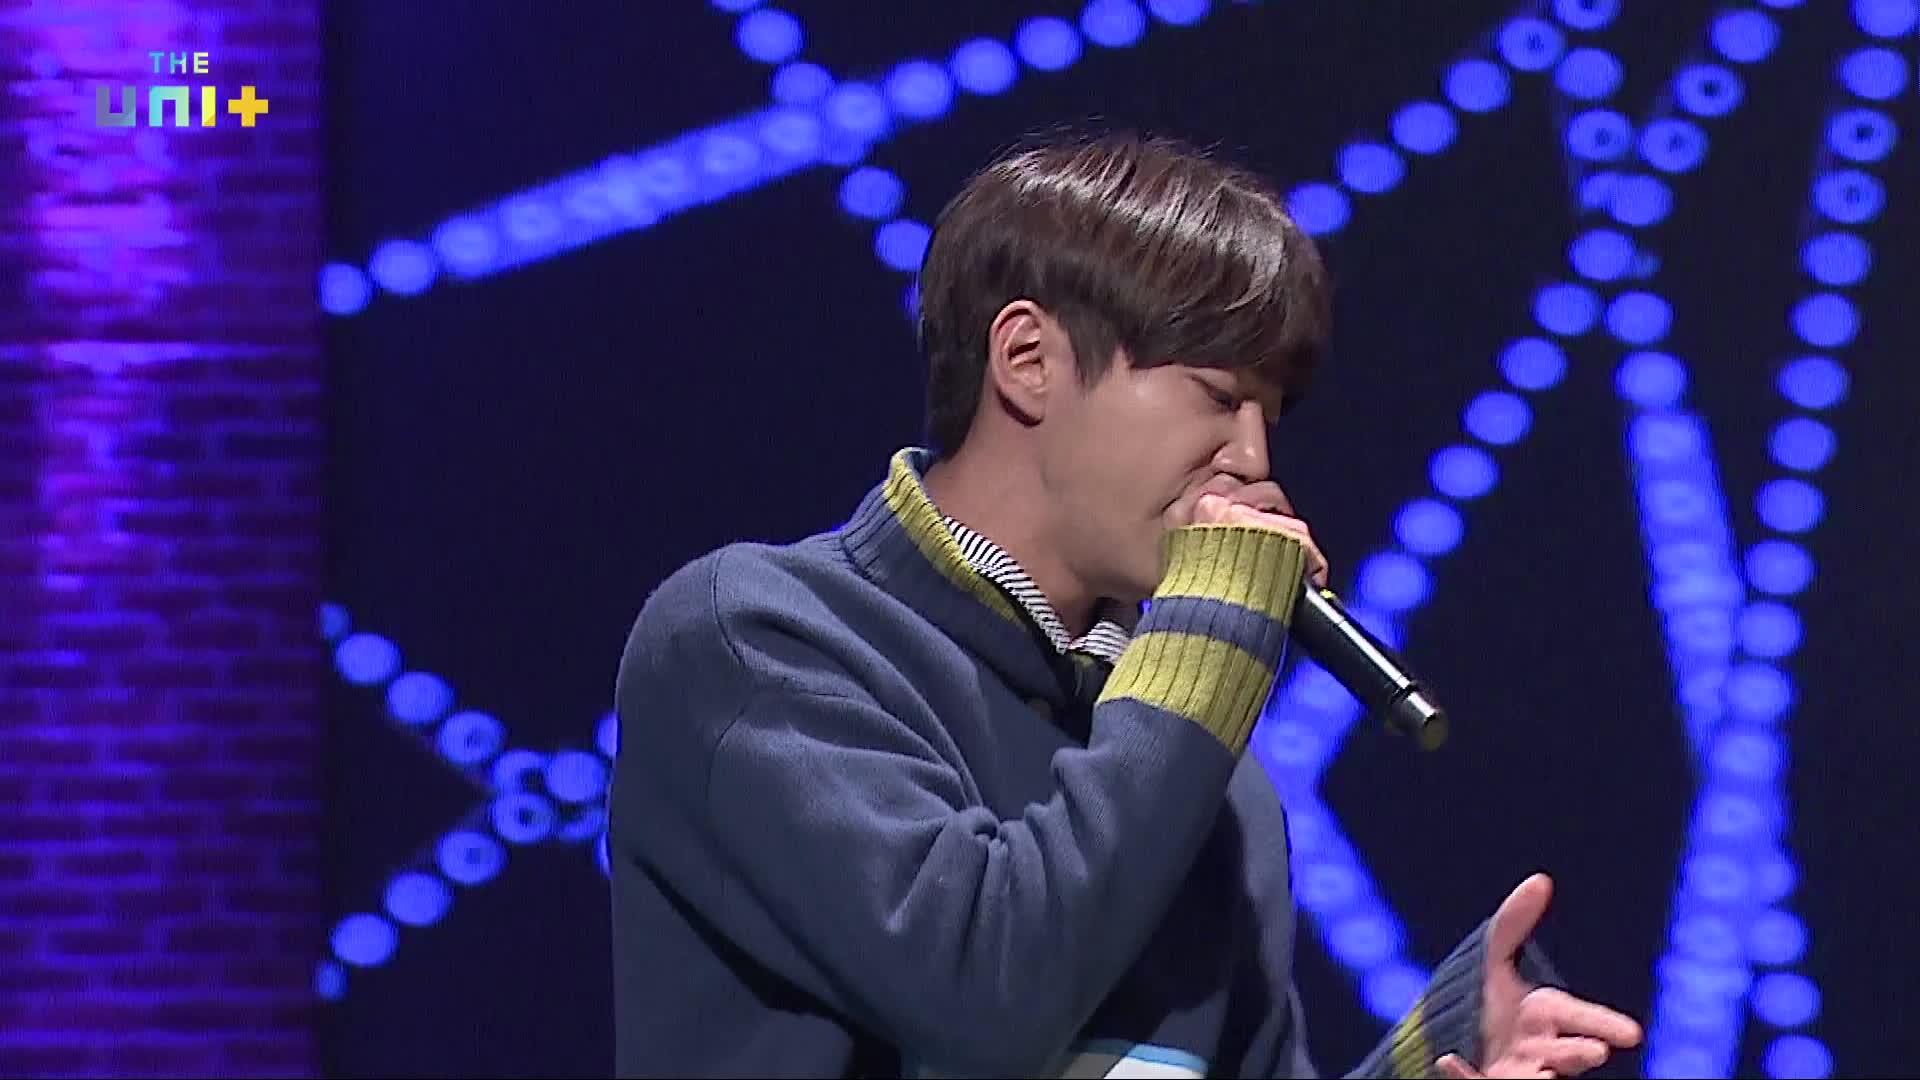 [유닛B] 준(유키스) 포지션 배틀_랩 [JUN(U-KISS) / Position Battle_Rap]